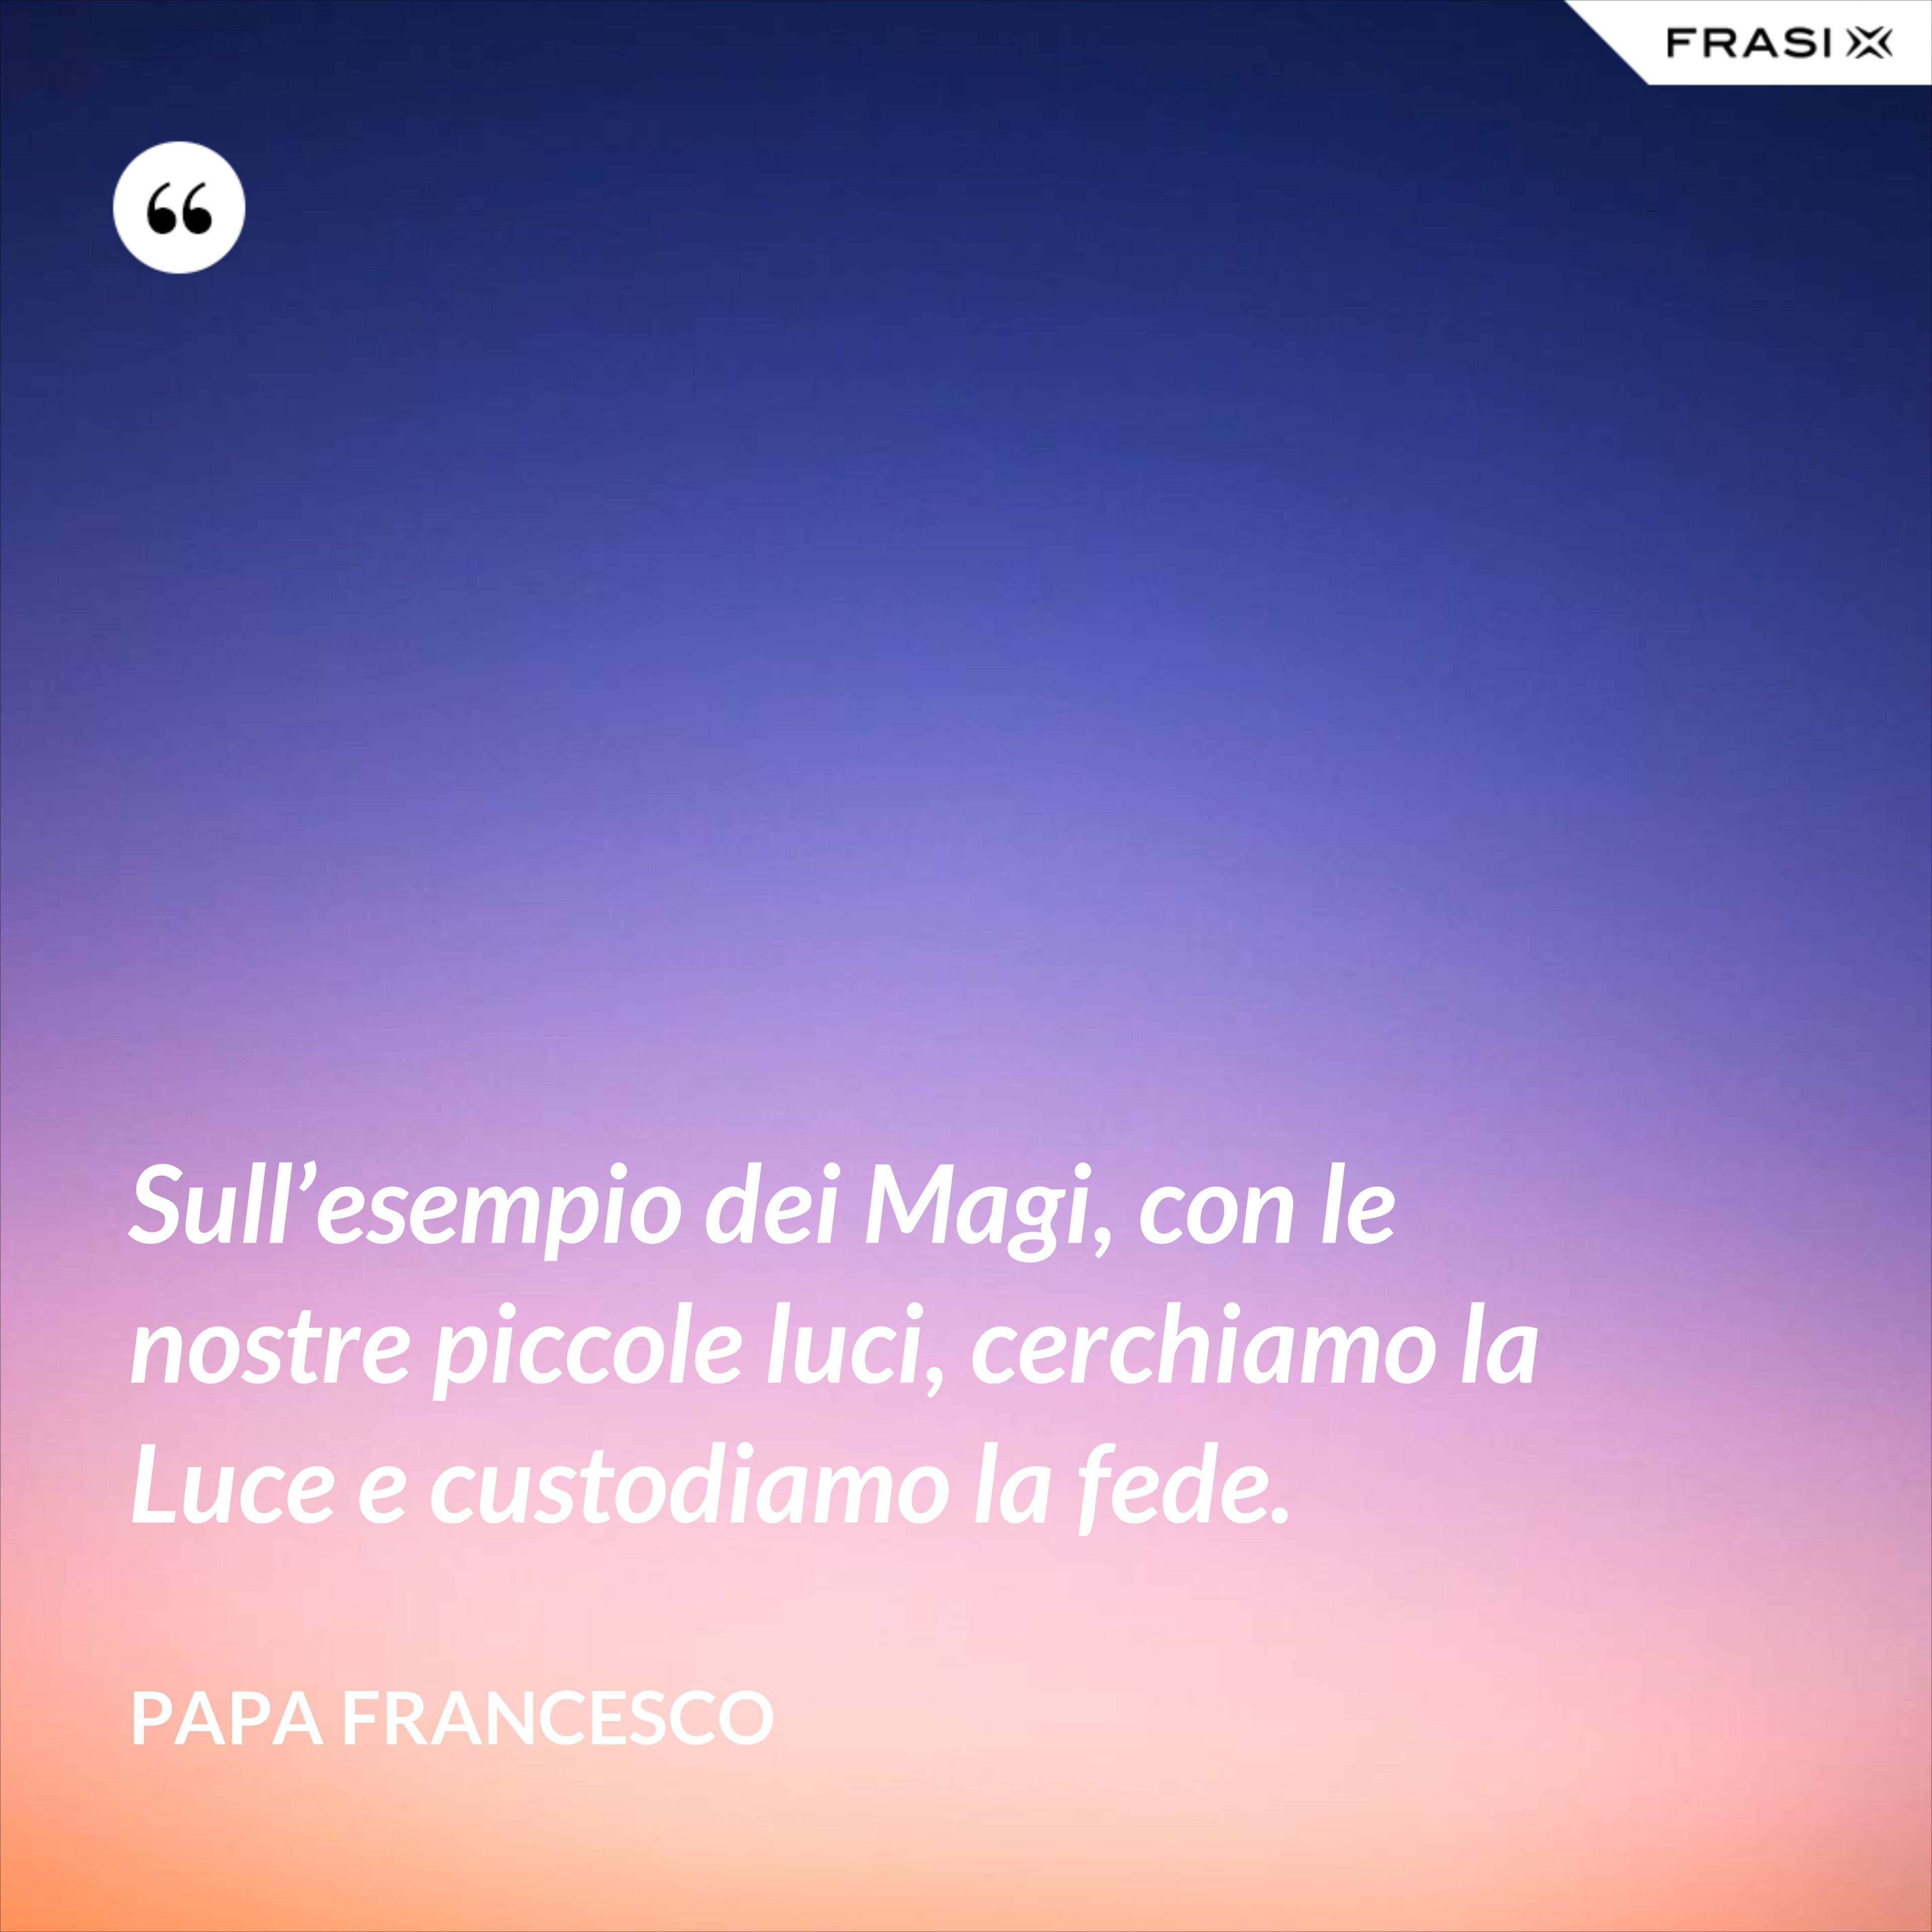 Sull'esempio dei Magi, con le nostre piccole luci, cerchiamo la Luce e custodiamo la fede. - Papa Francesco